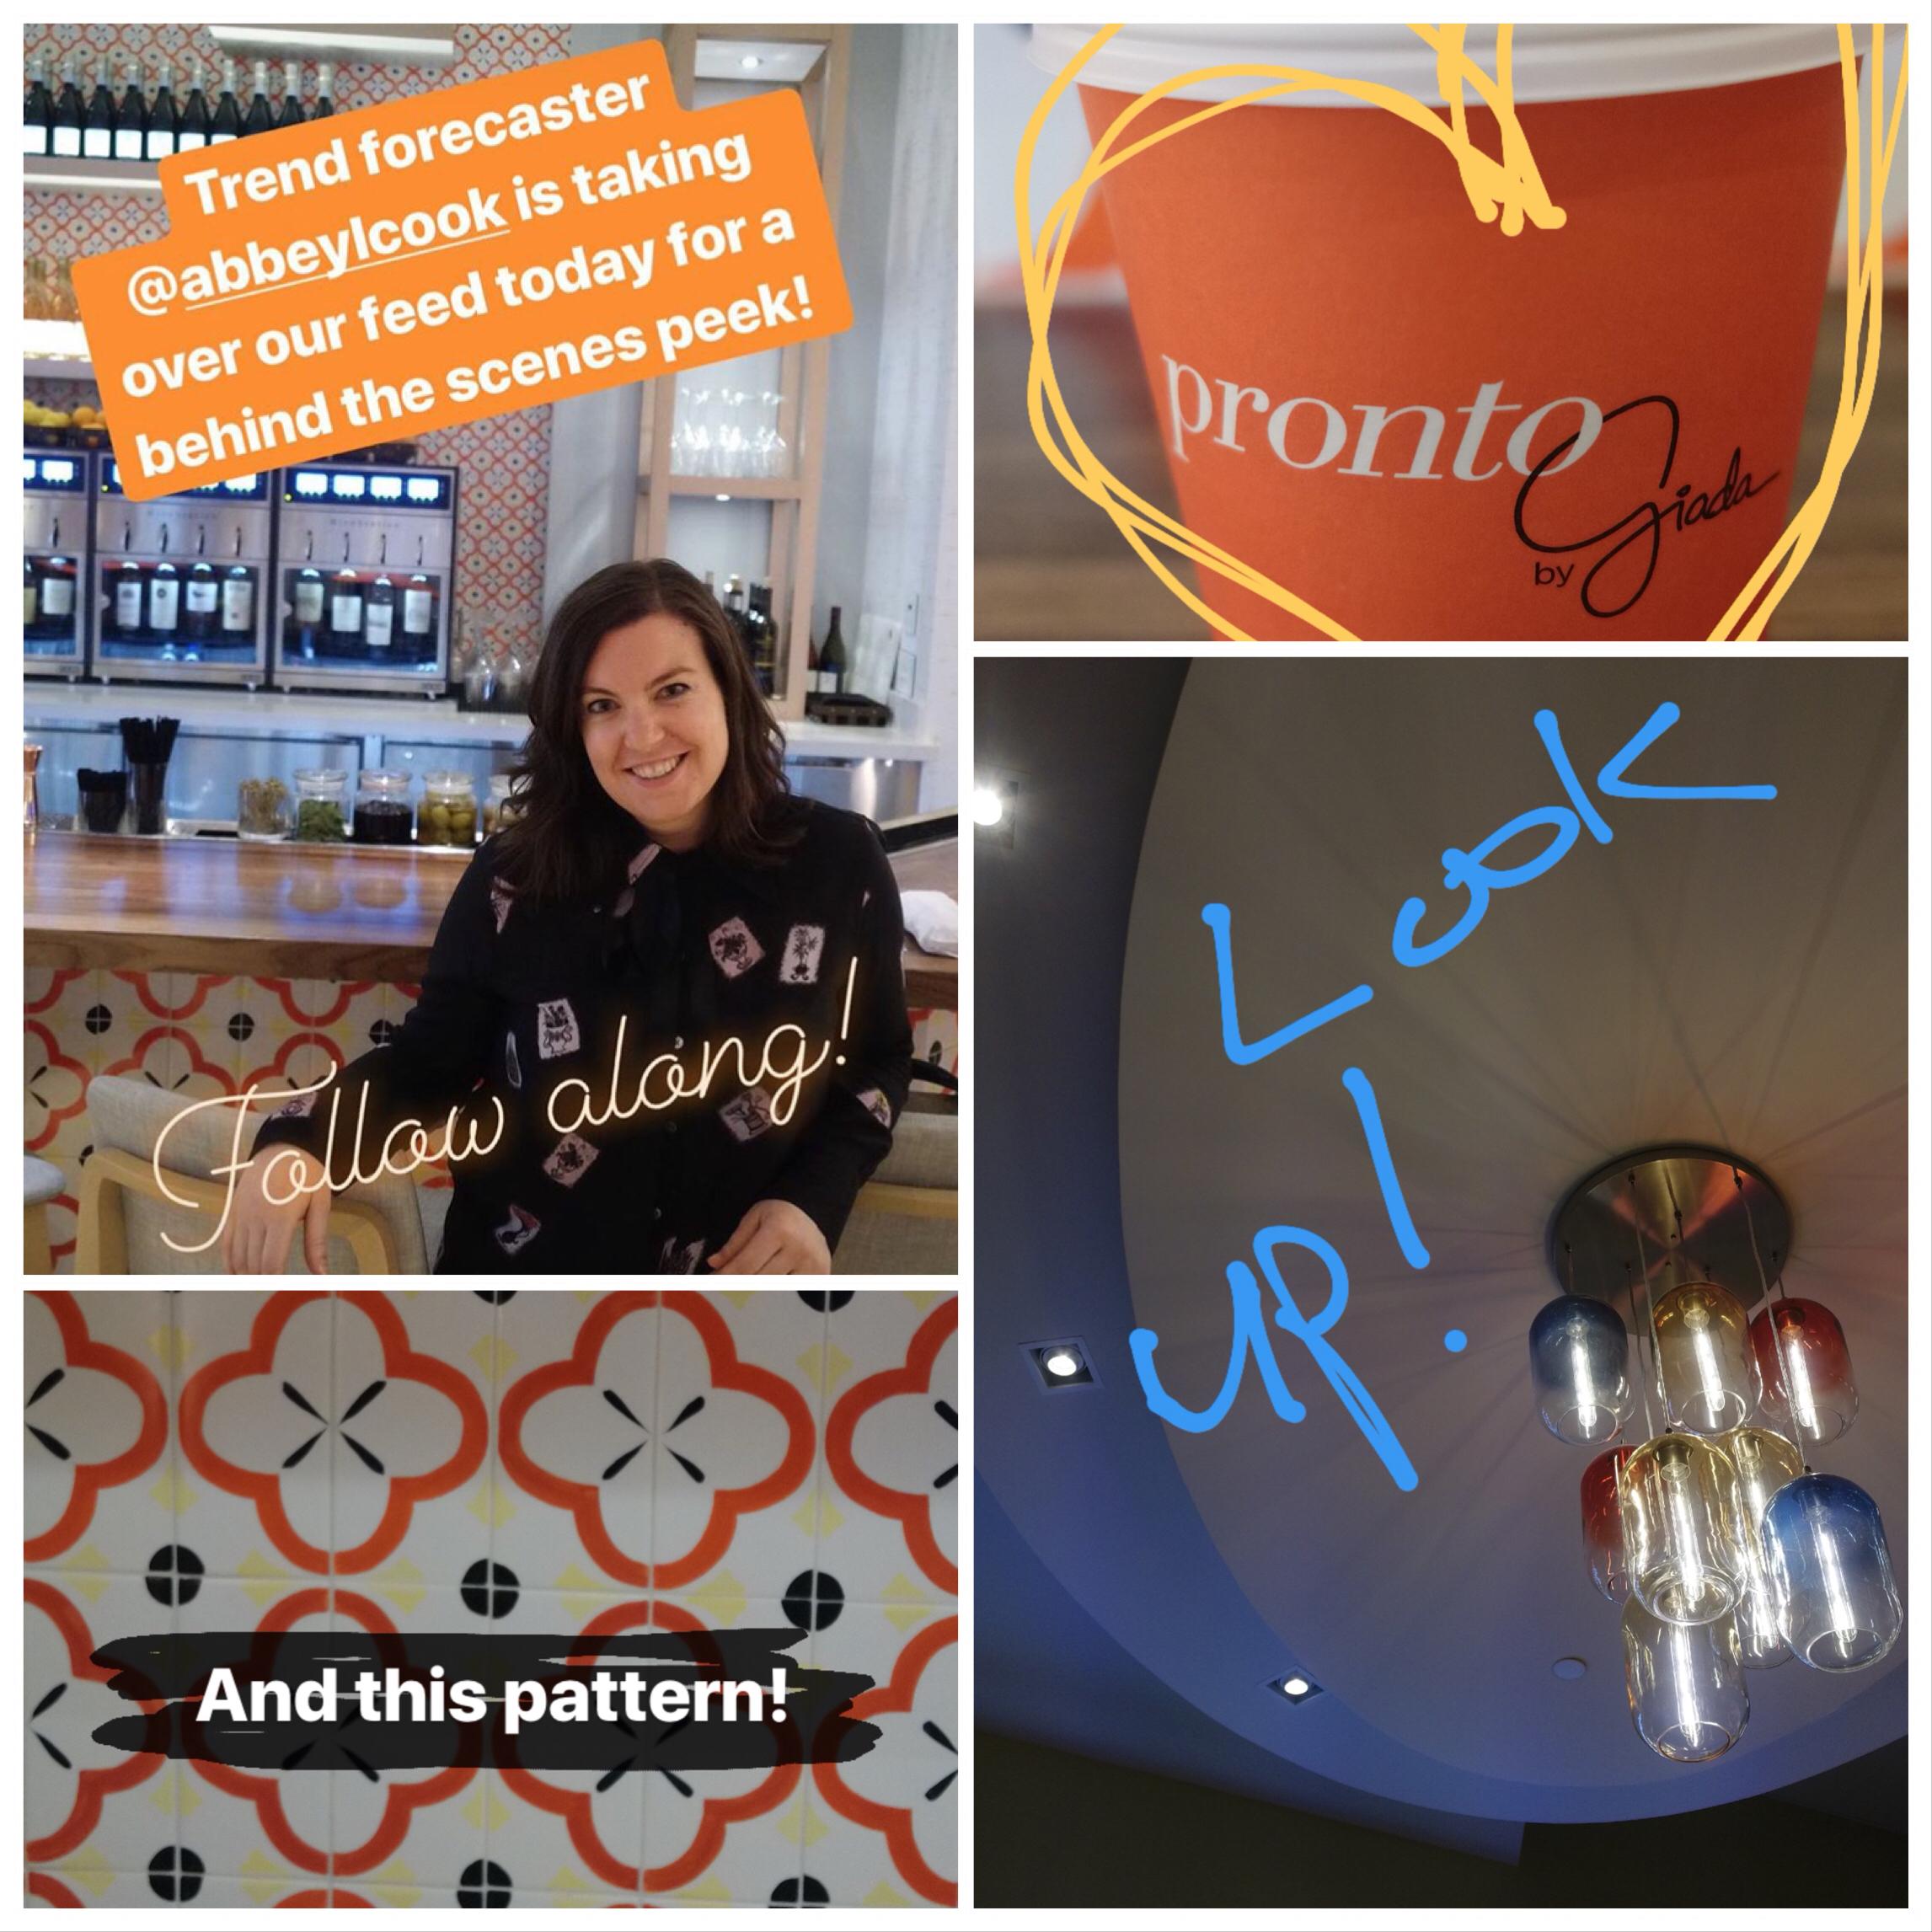 Giadzy Instagram takeover for celebrity chef, Giada De Laurentiis' restaurant, Pronto by Giada